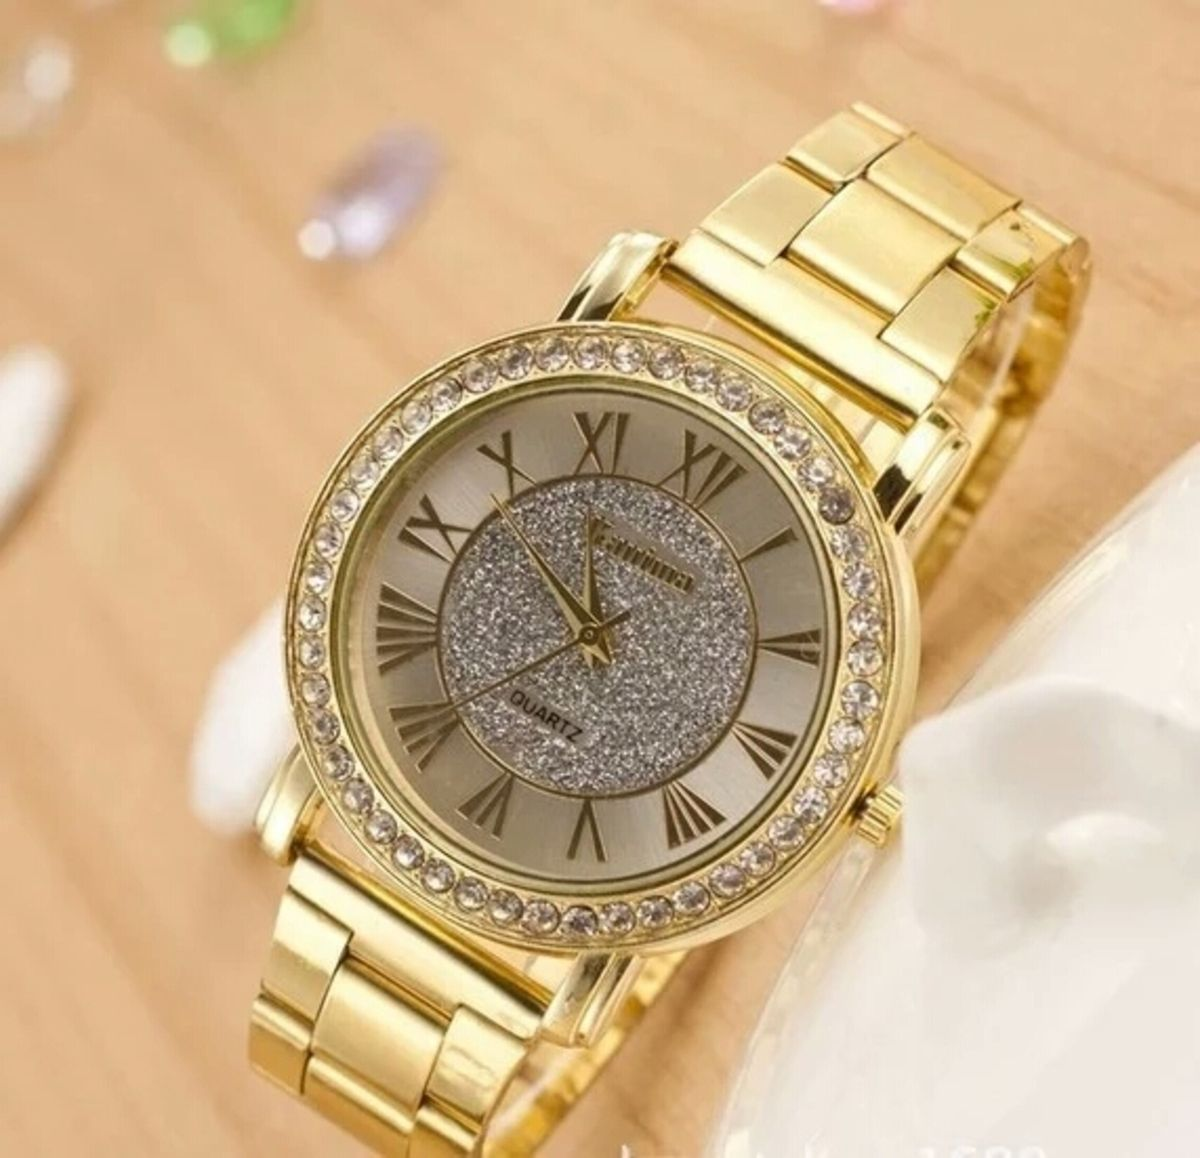 b285d7e3120 Relógio Feminino Kanima - Aço Metal Inox Quartz Comprar online relógio da  Marca Kanima Importado da China no Brasil